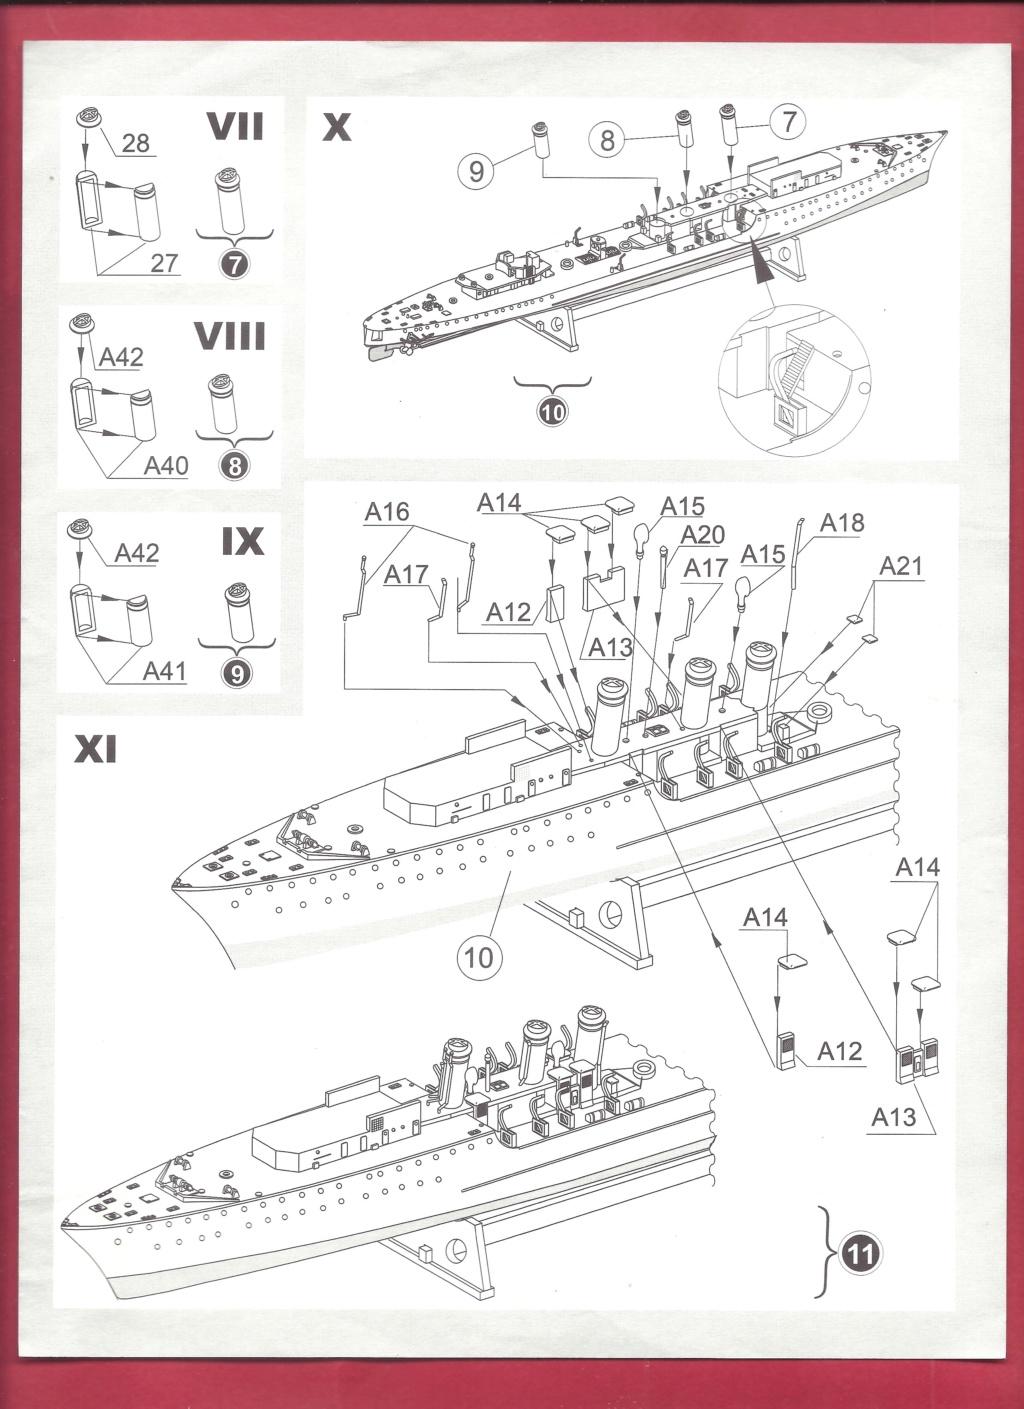 [MIRAGE] Torpilleur d escadre de 1 500t classe ADROIT ORP WICHER 1/400ème Réf 40068    Mirage13